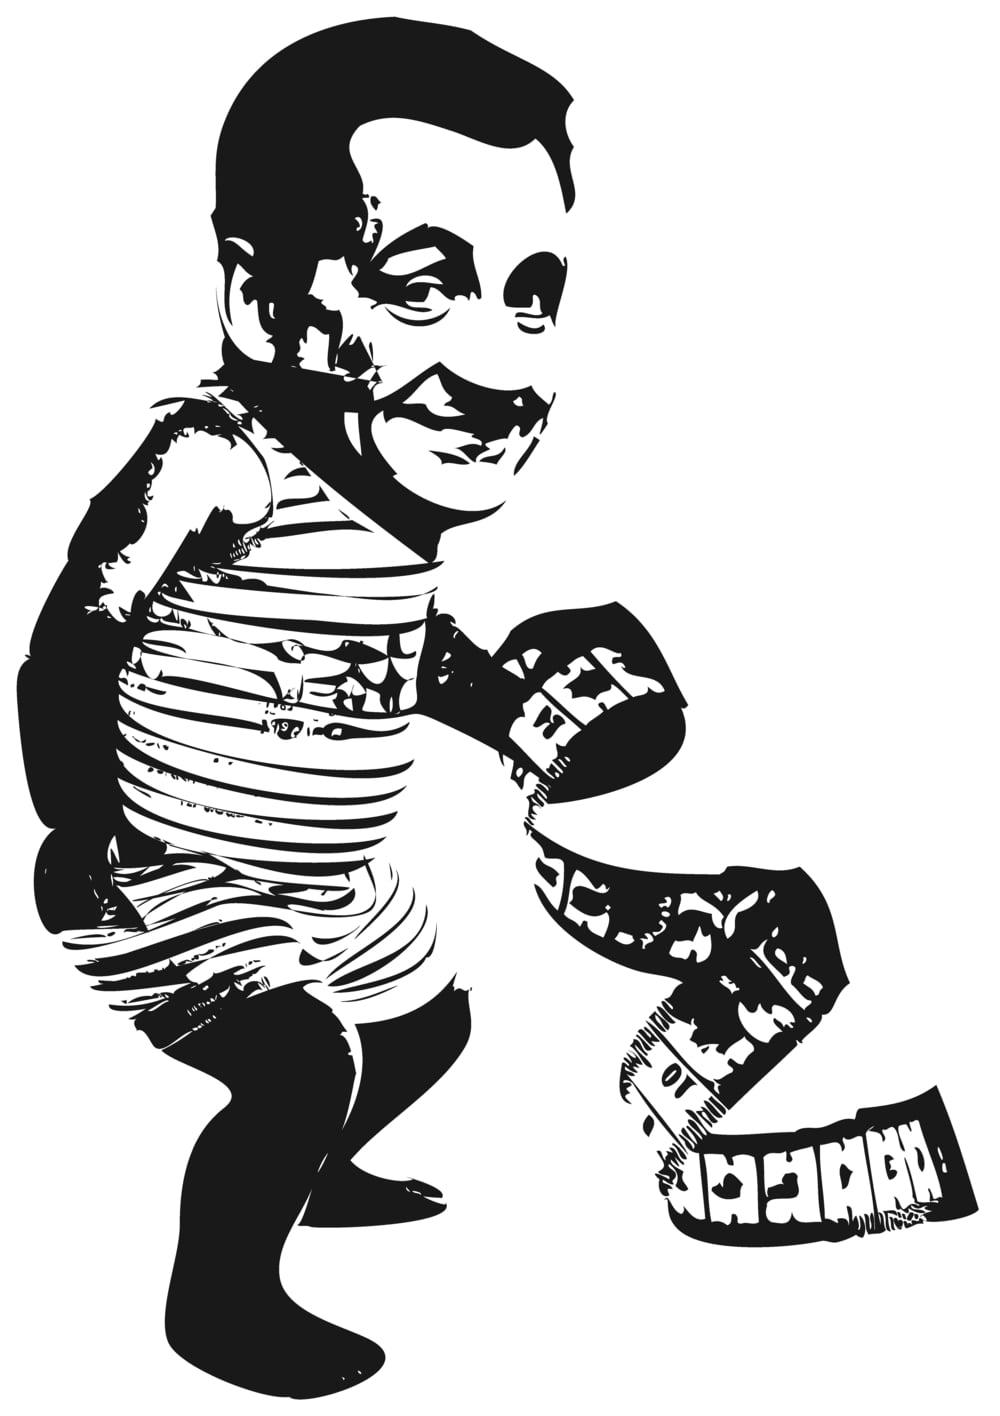 """Nach dr Geburt macht dr Sarkozy mit em Massband dr Verglyych,   Und jublet denne hocherfreut: """"Das Kind isch gleiner no als ich!""""   """"Du Dubel"""", seit do sini Carla, """"hesch vo Fyyngfüül jo kei Spuur,   Das isch doch kei Massband, das isch mini Naabelschnuer."""""""